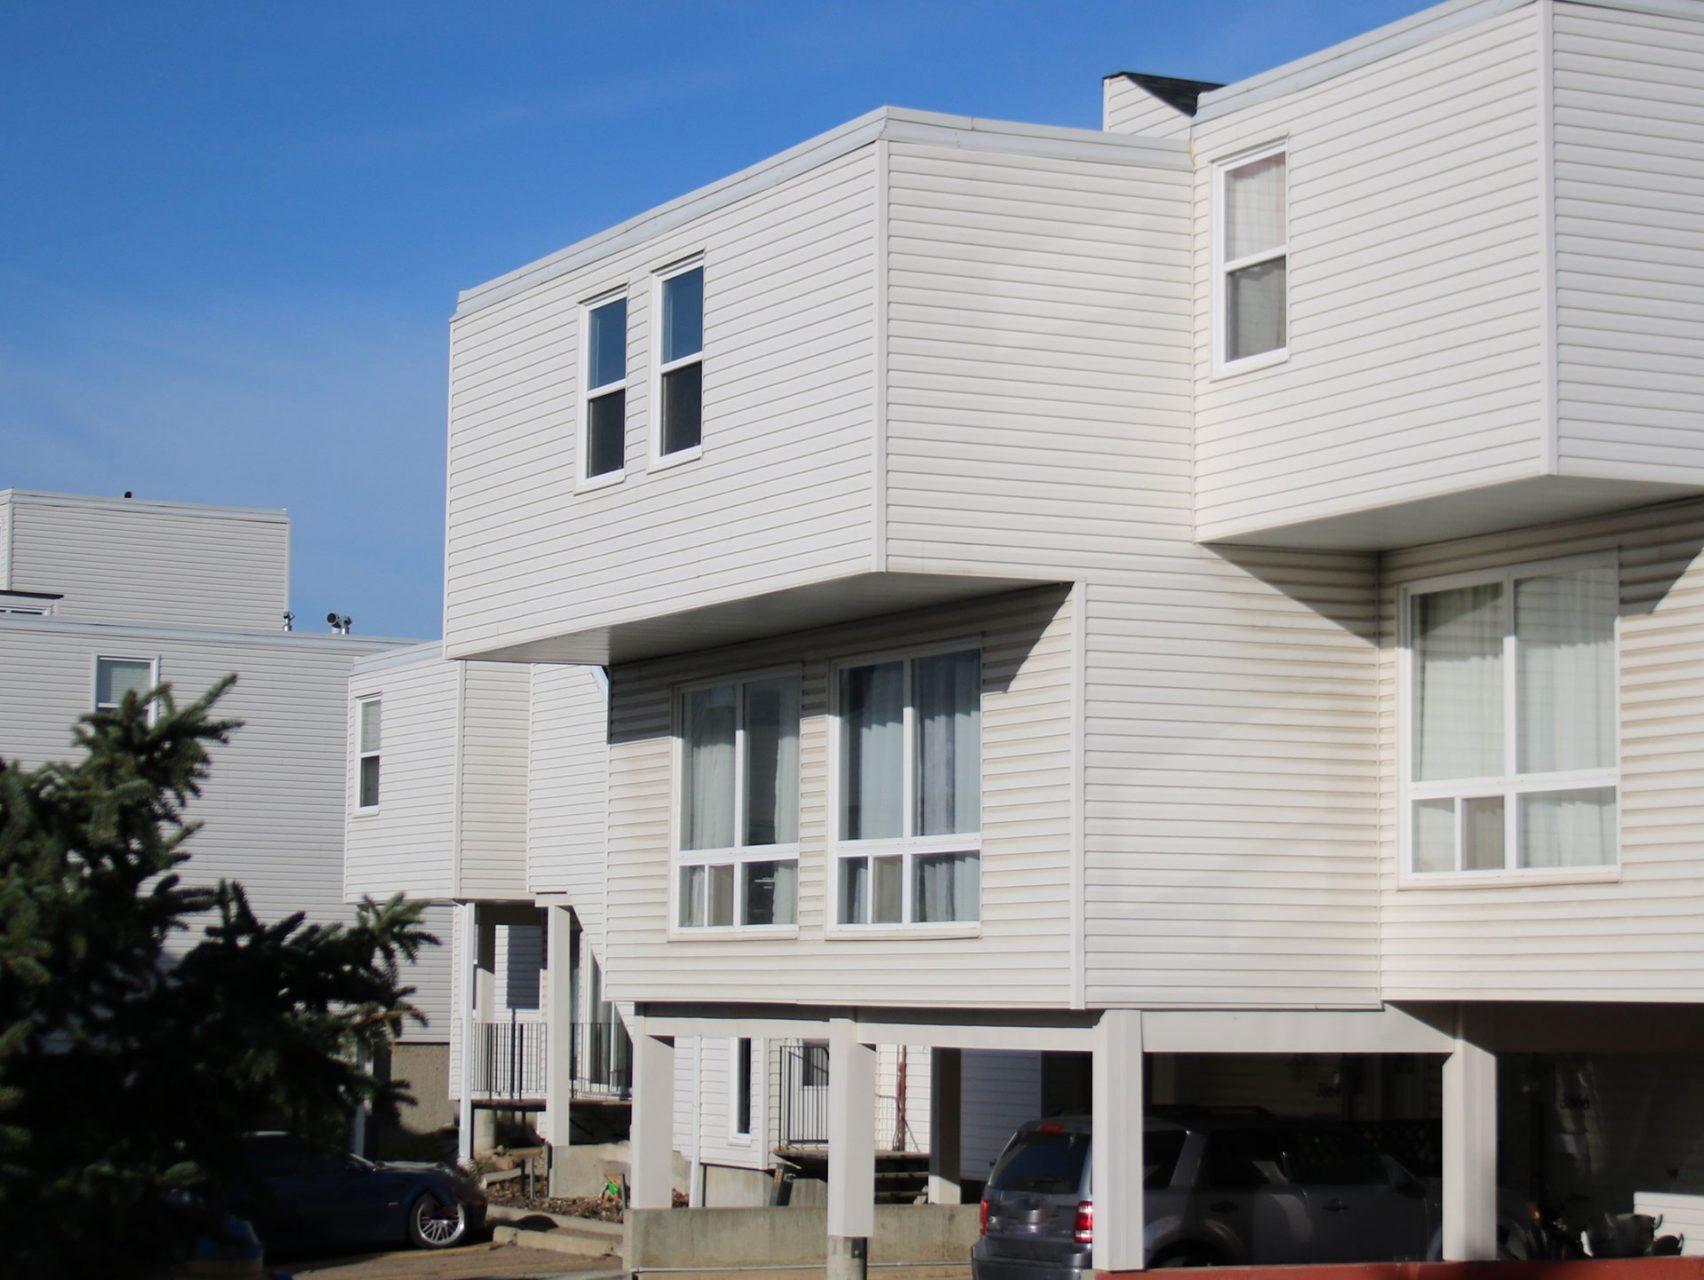 CS Management Inc. - Meadow Lane Condominiums